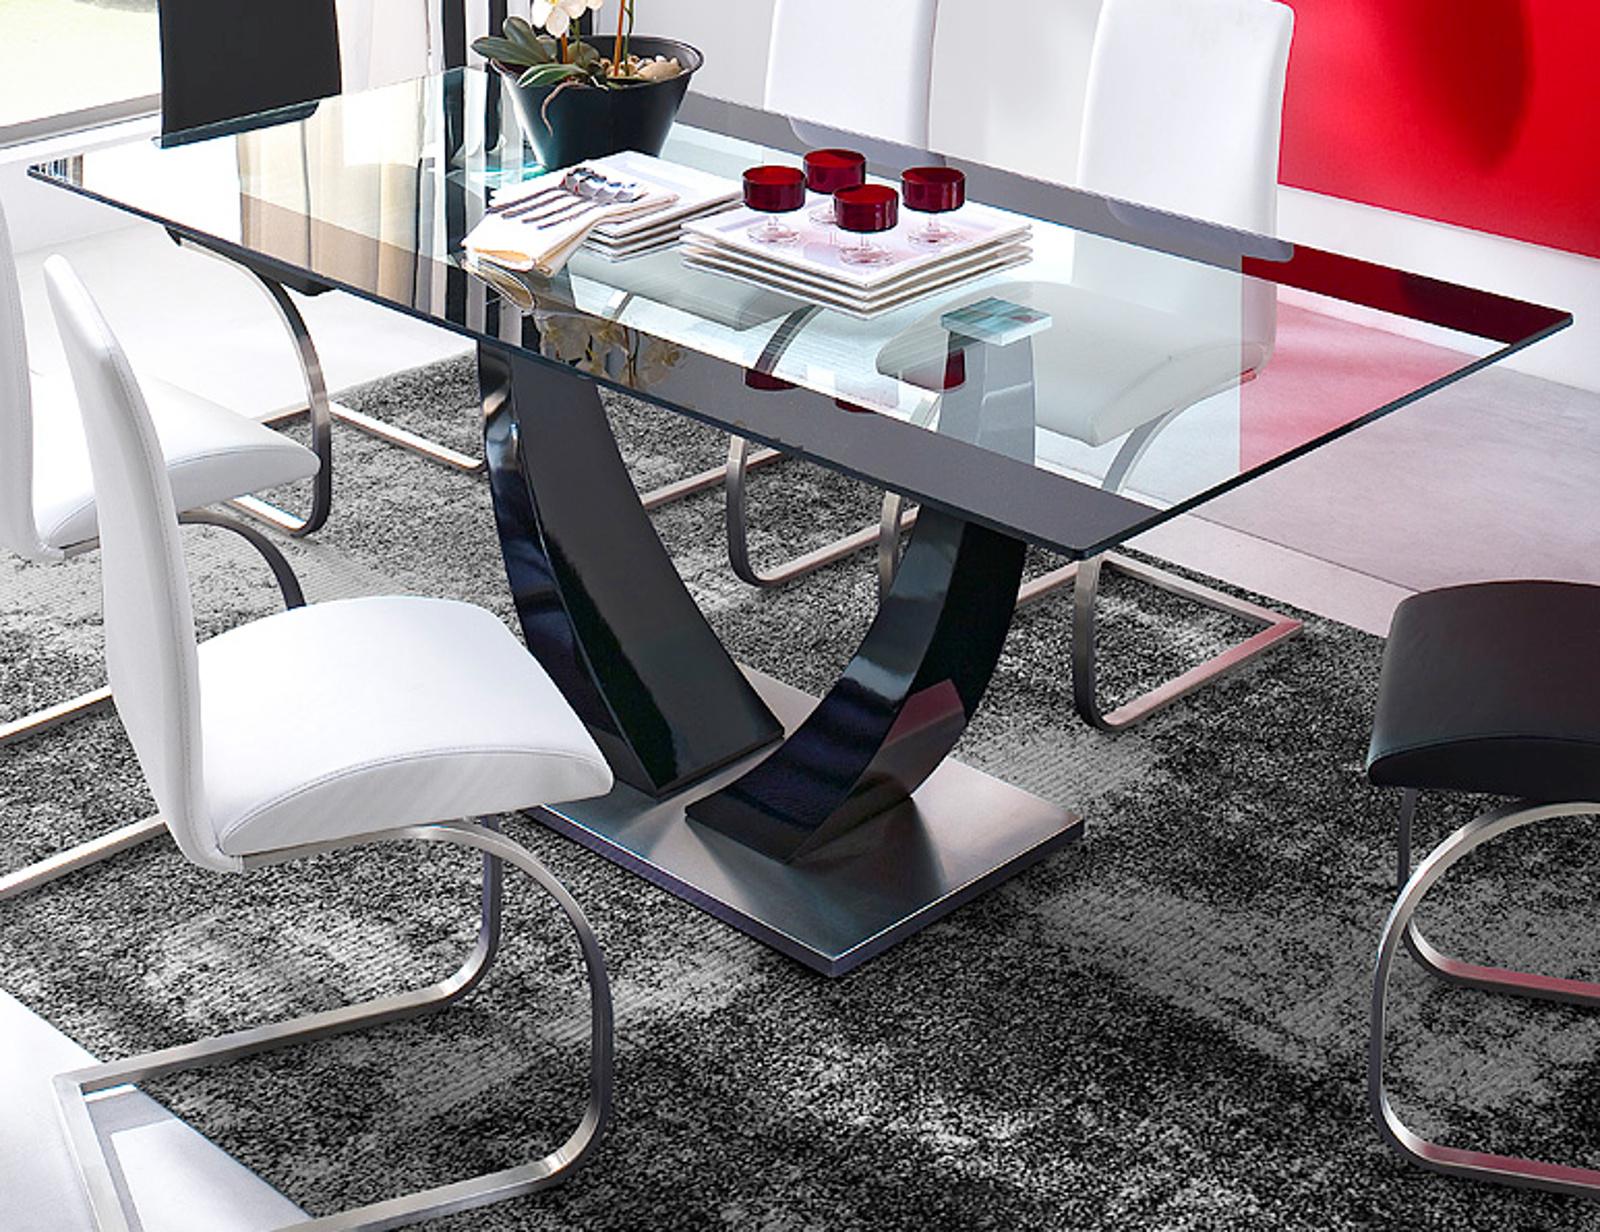 esstisch schwarz lack, esstisch tavolo in schwarz lack glastisch 200 cm, Design ideen